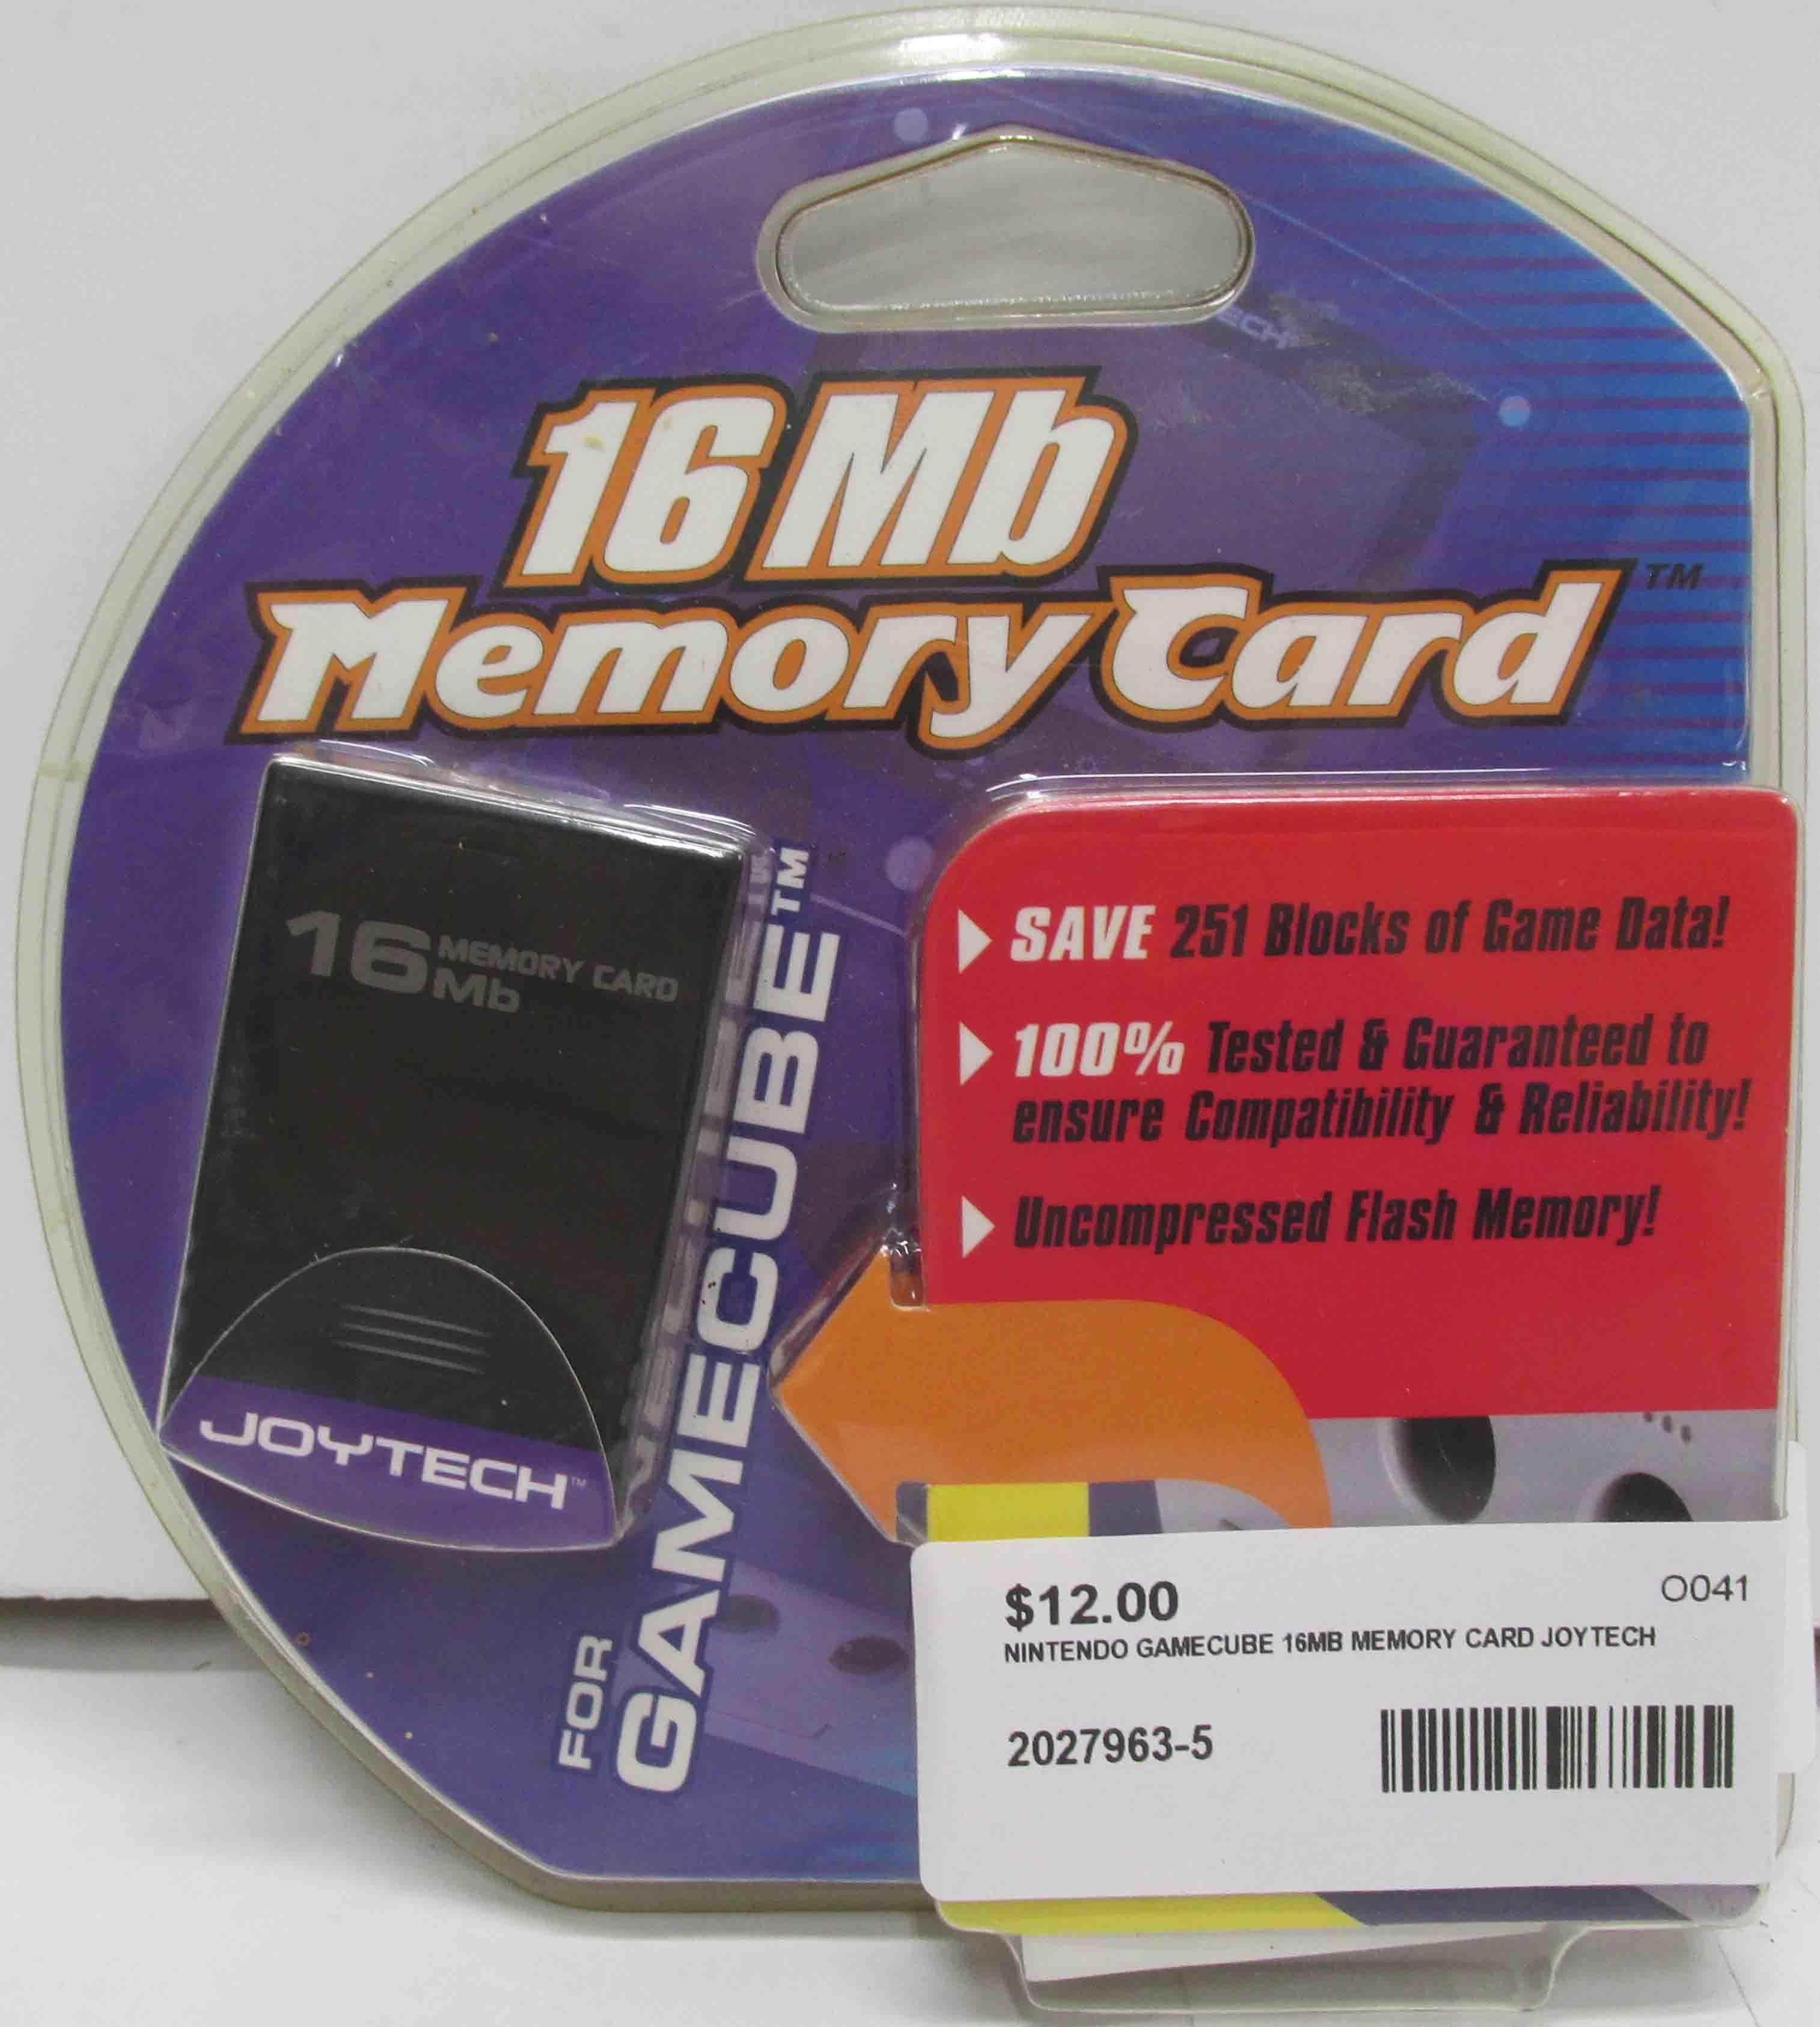 Joytech 16Mb Memory Card for Nintendo Gamecube  - **NEW**